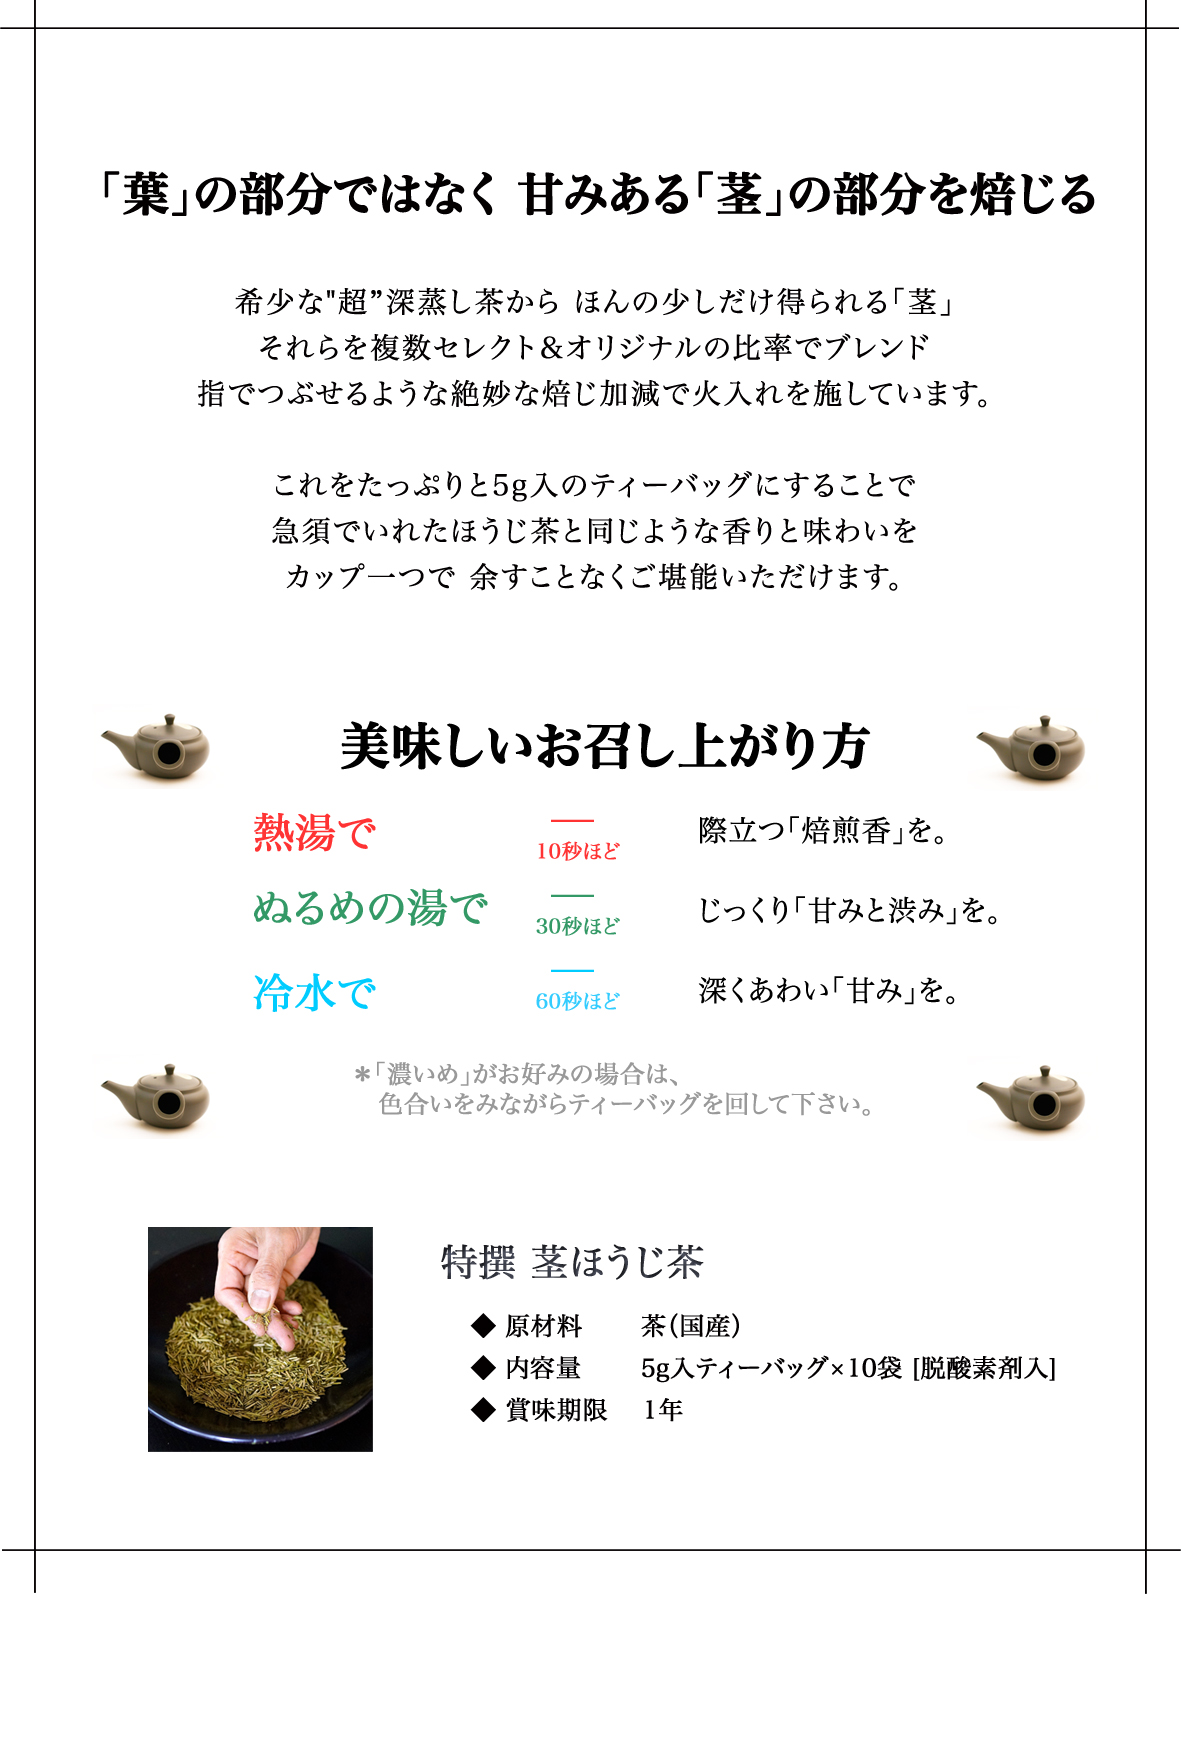 特撰茎ほうじ茶.jpg